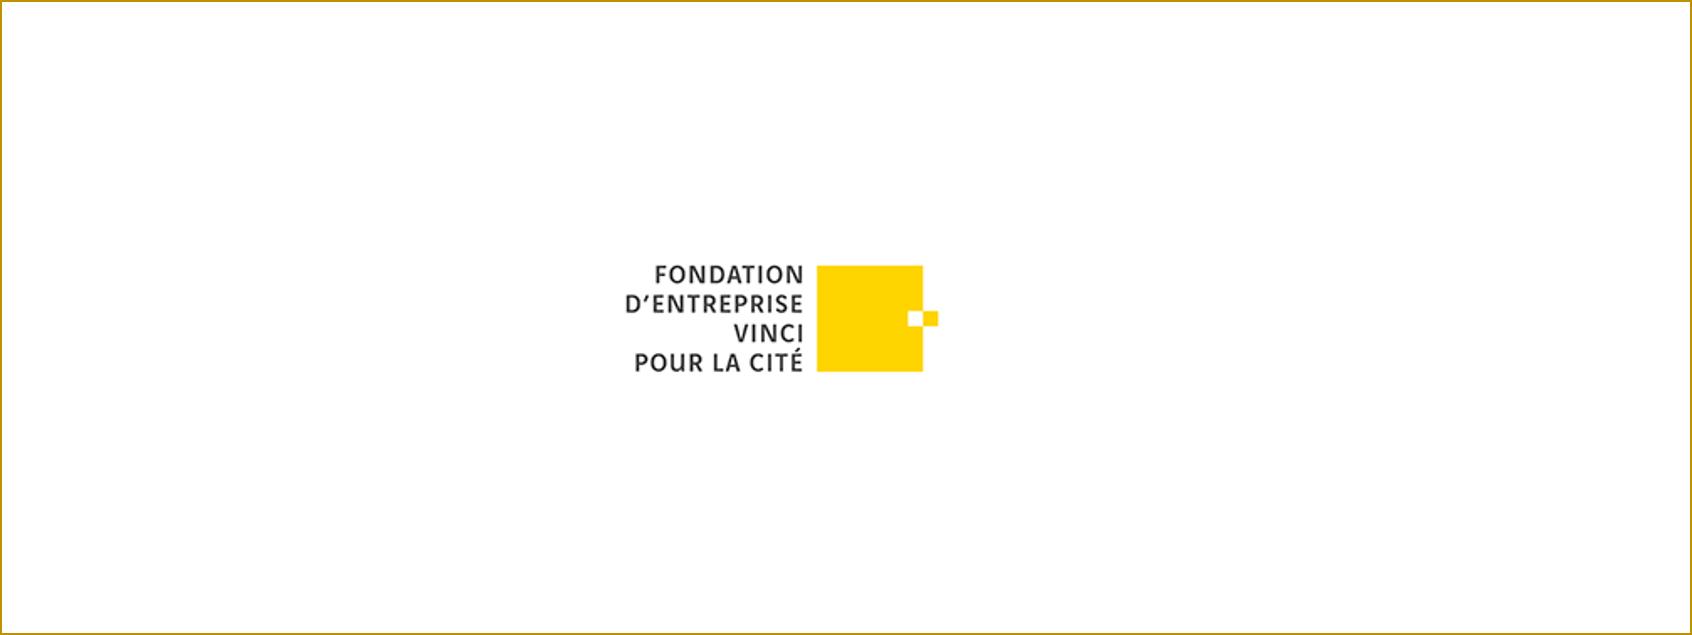 Fondation d'entreprise VINCI pour la cité